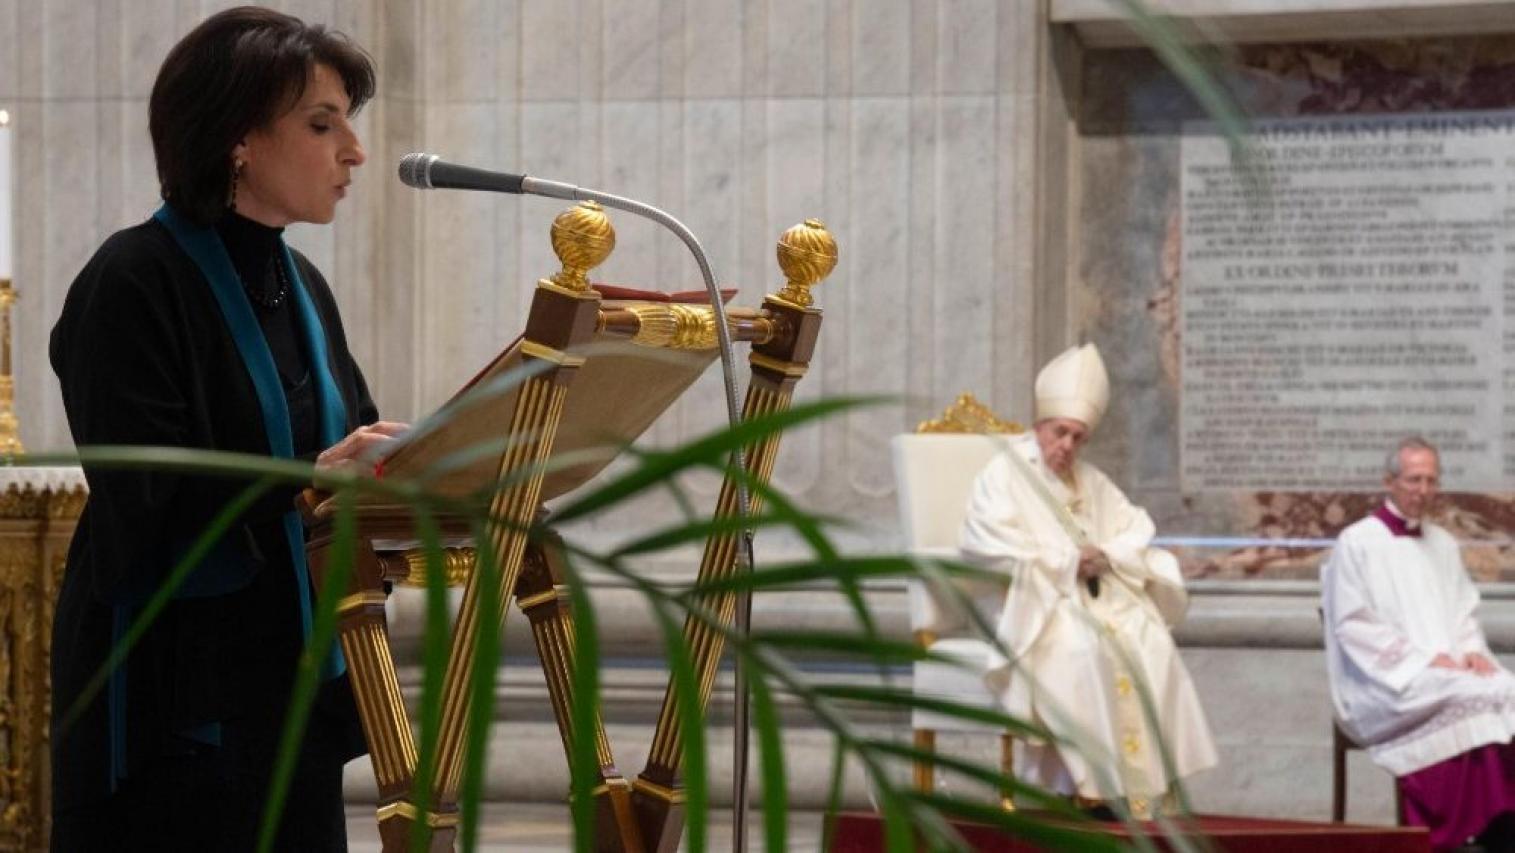 El Papa Francisco permite que las mujeres accedan a cargos ministeriales